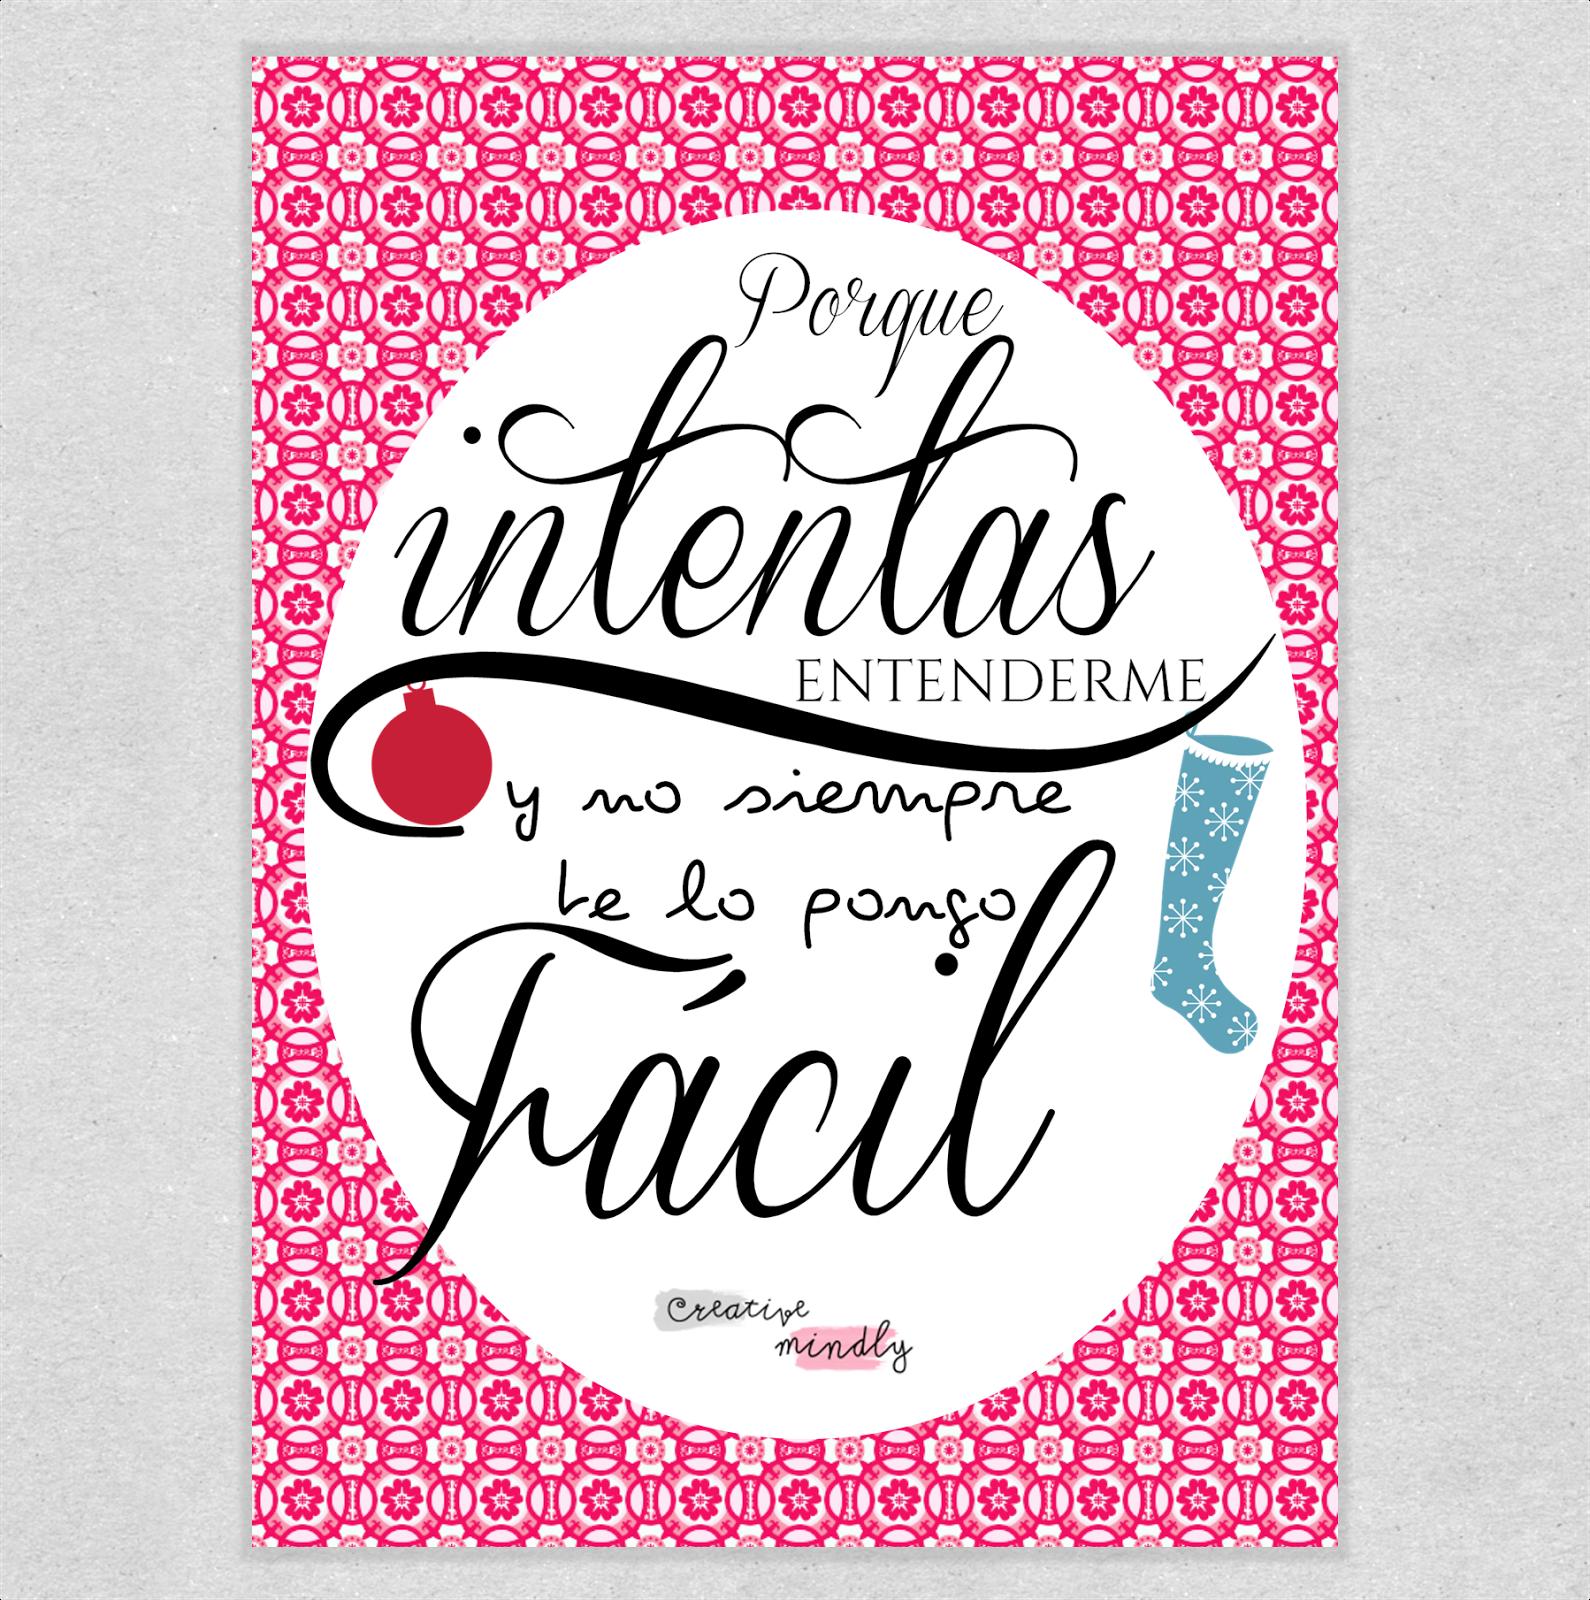 Creative Mindly Mensajes Para Tarjetas Y Postales De Navidad Frases Bonitas Frases Love Mensajes